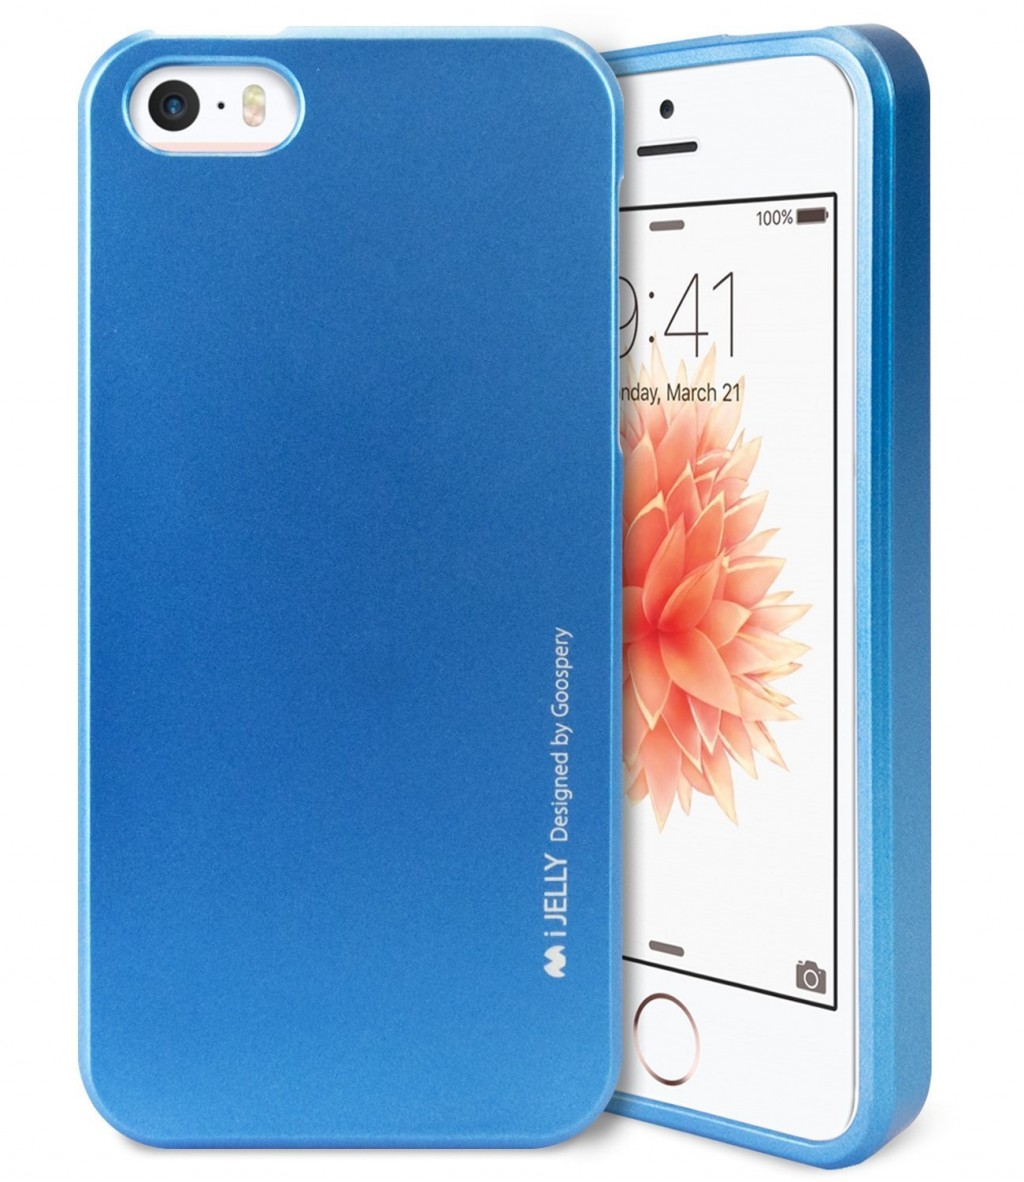 Silikonový obal / kryt iJelly Metal Goospery Mercury Apple iPhone SE / 5s / 5 - Metalicky modrý